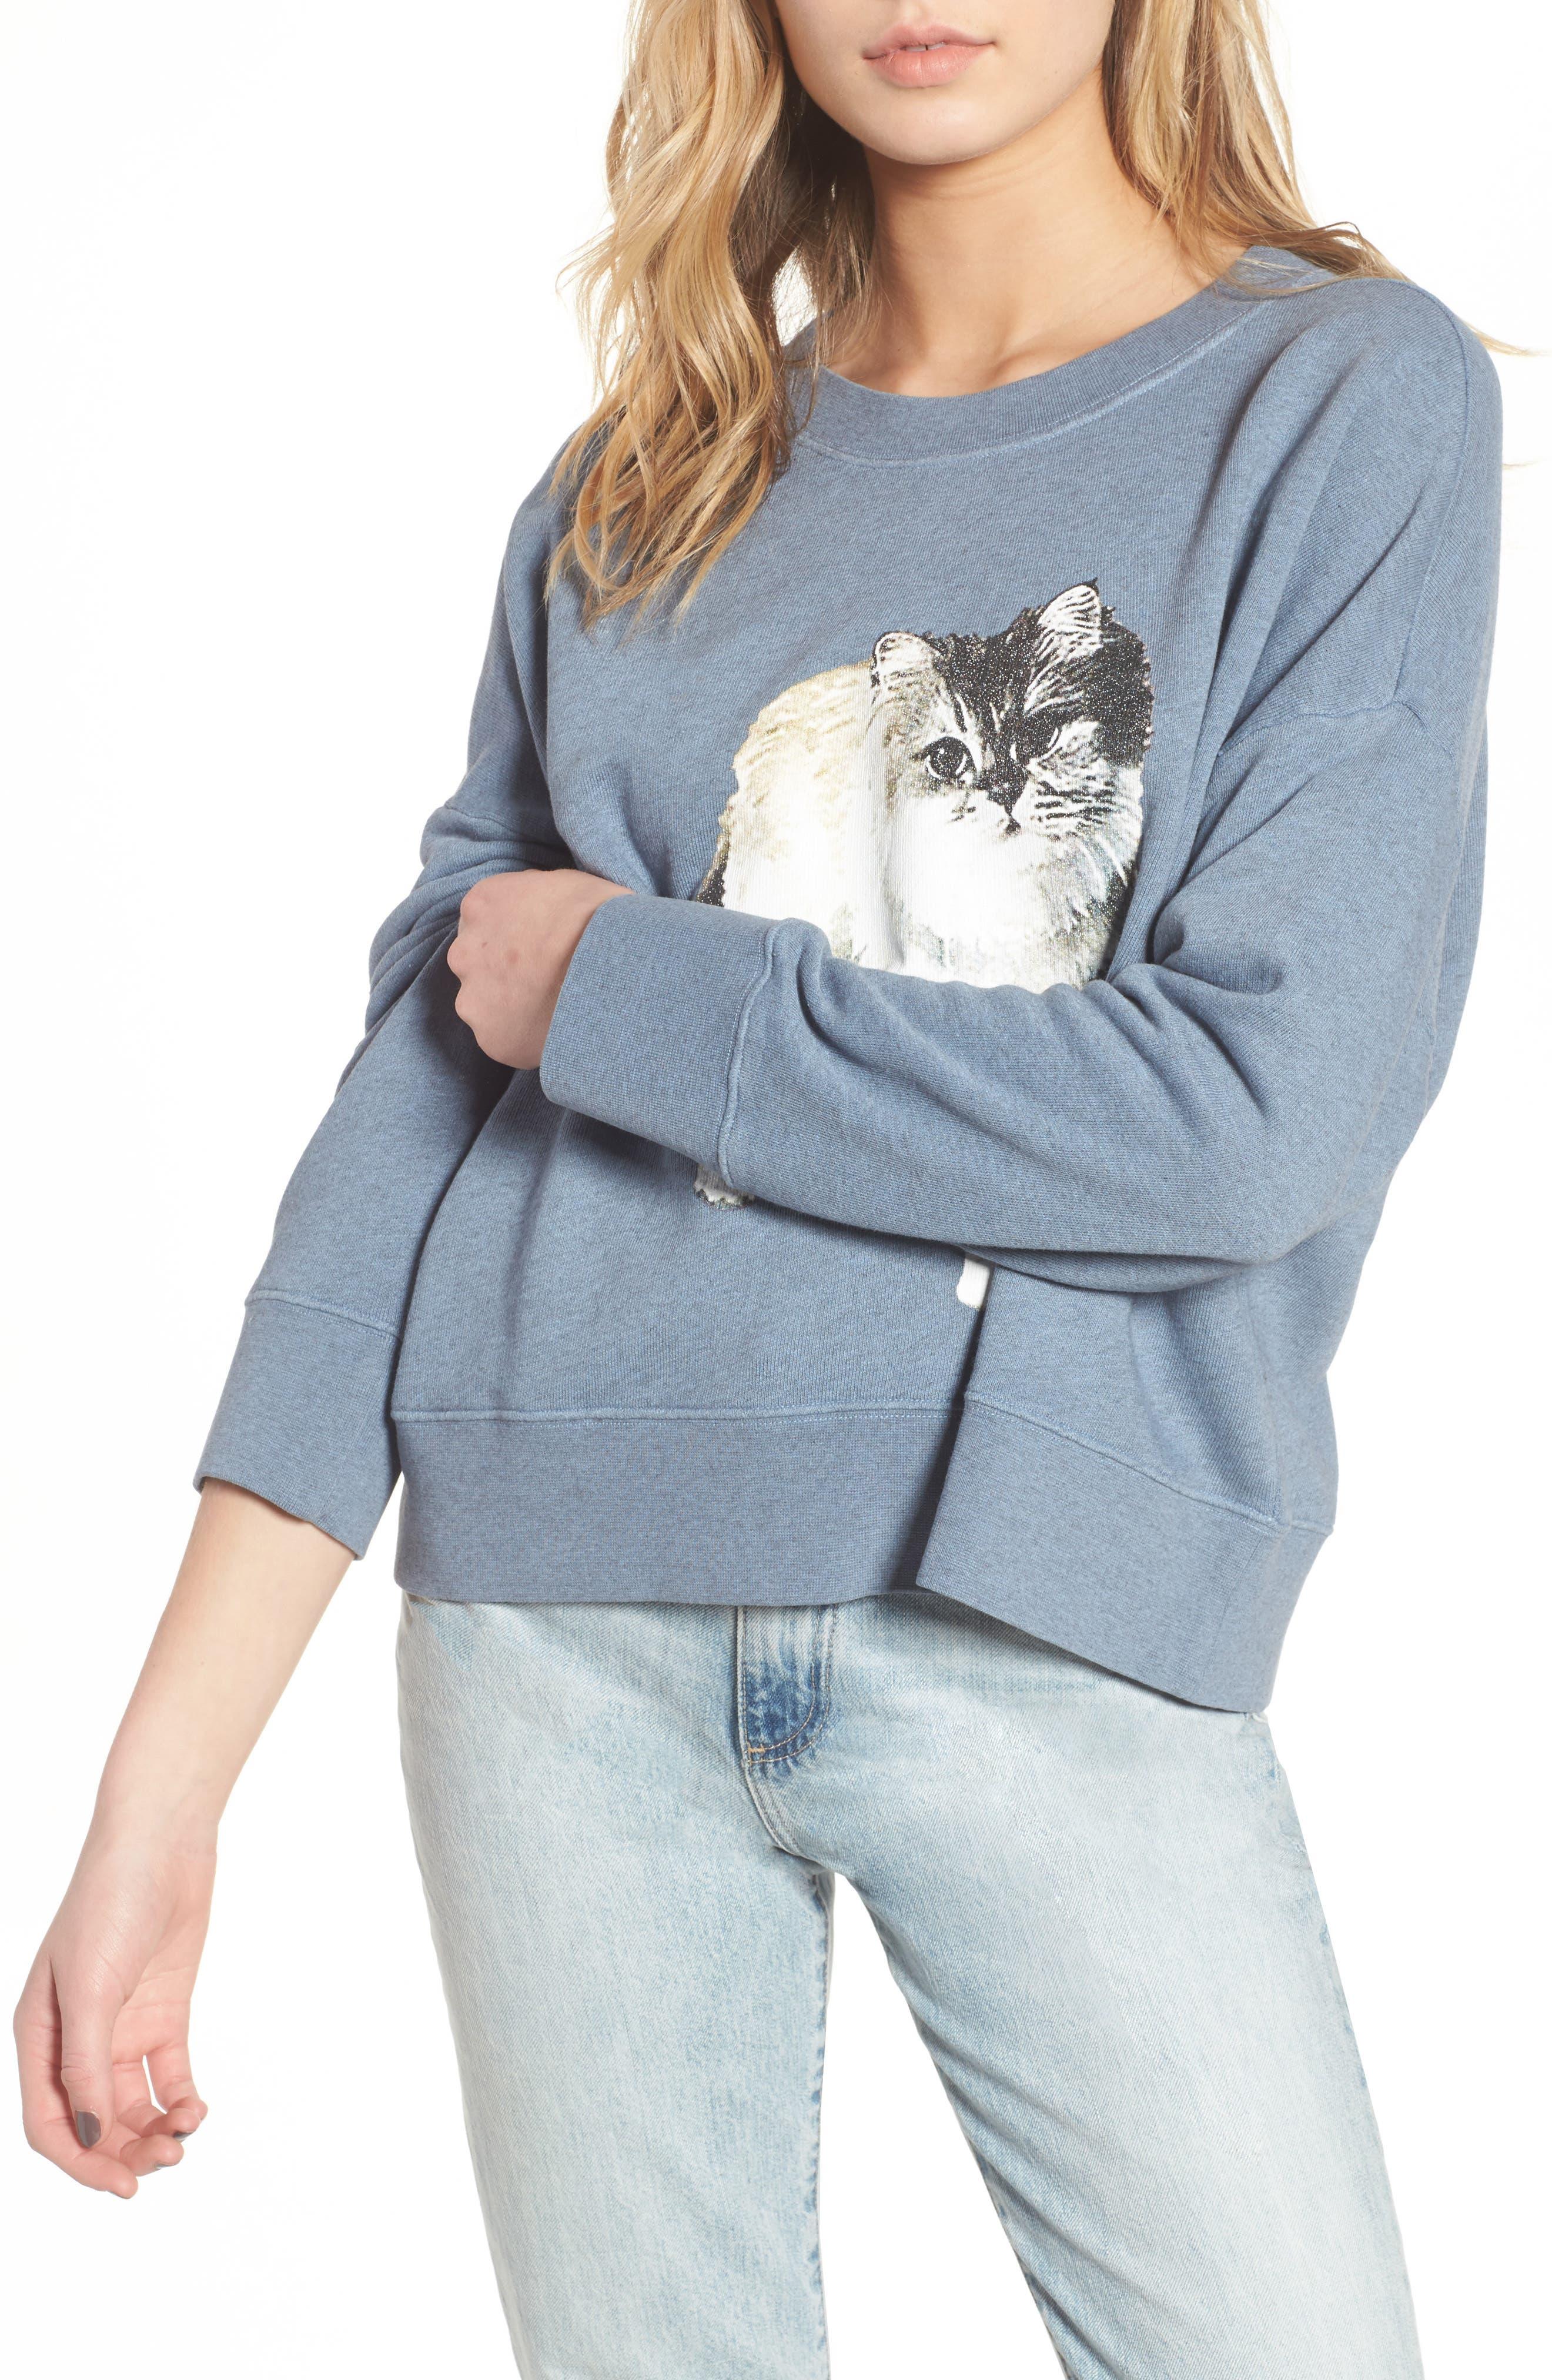 Kyoto Sweatshirt,                             Main thumbnail 1, color,                             400